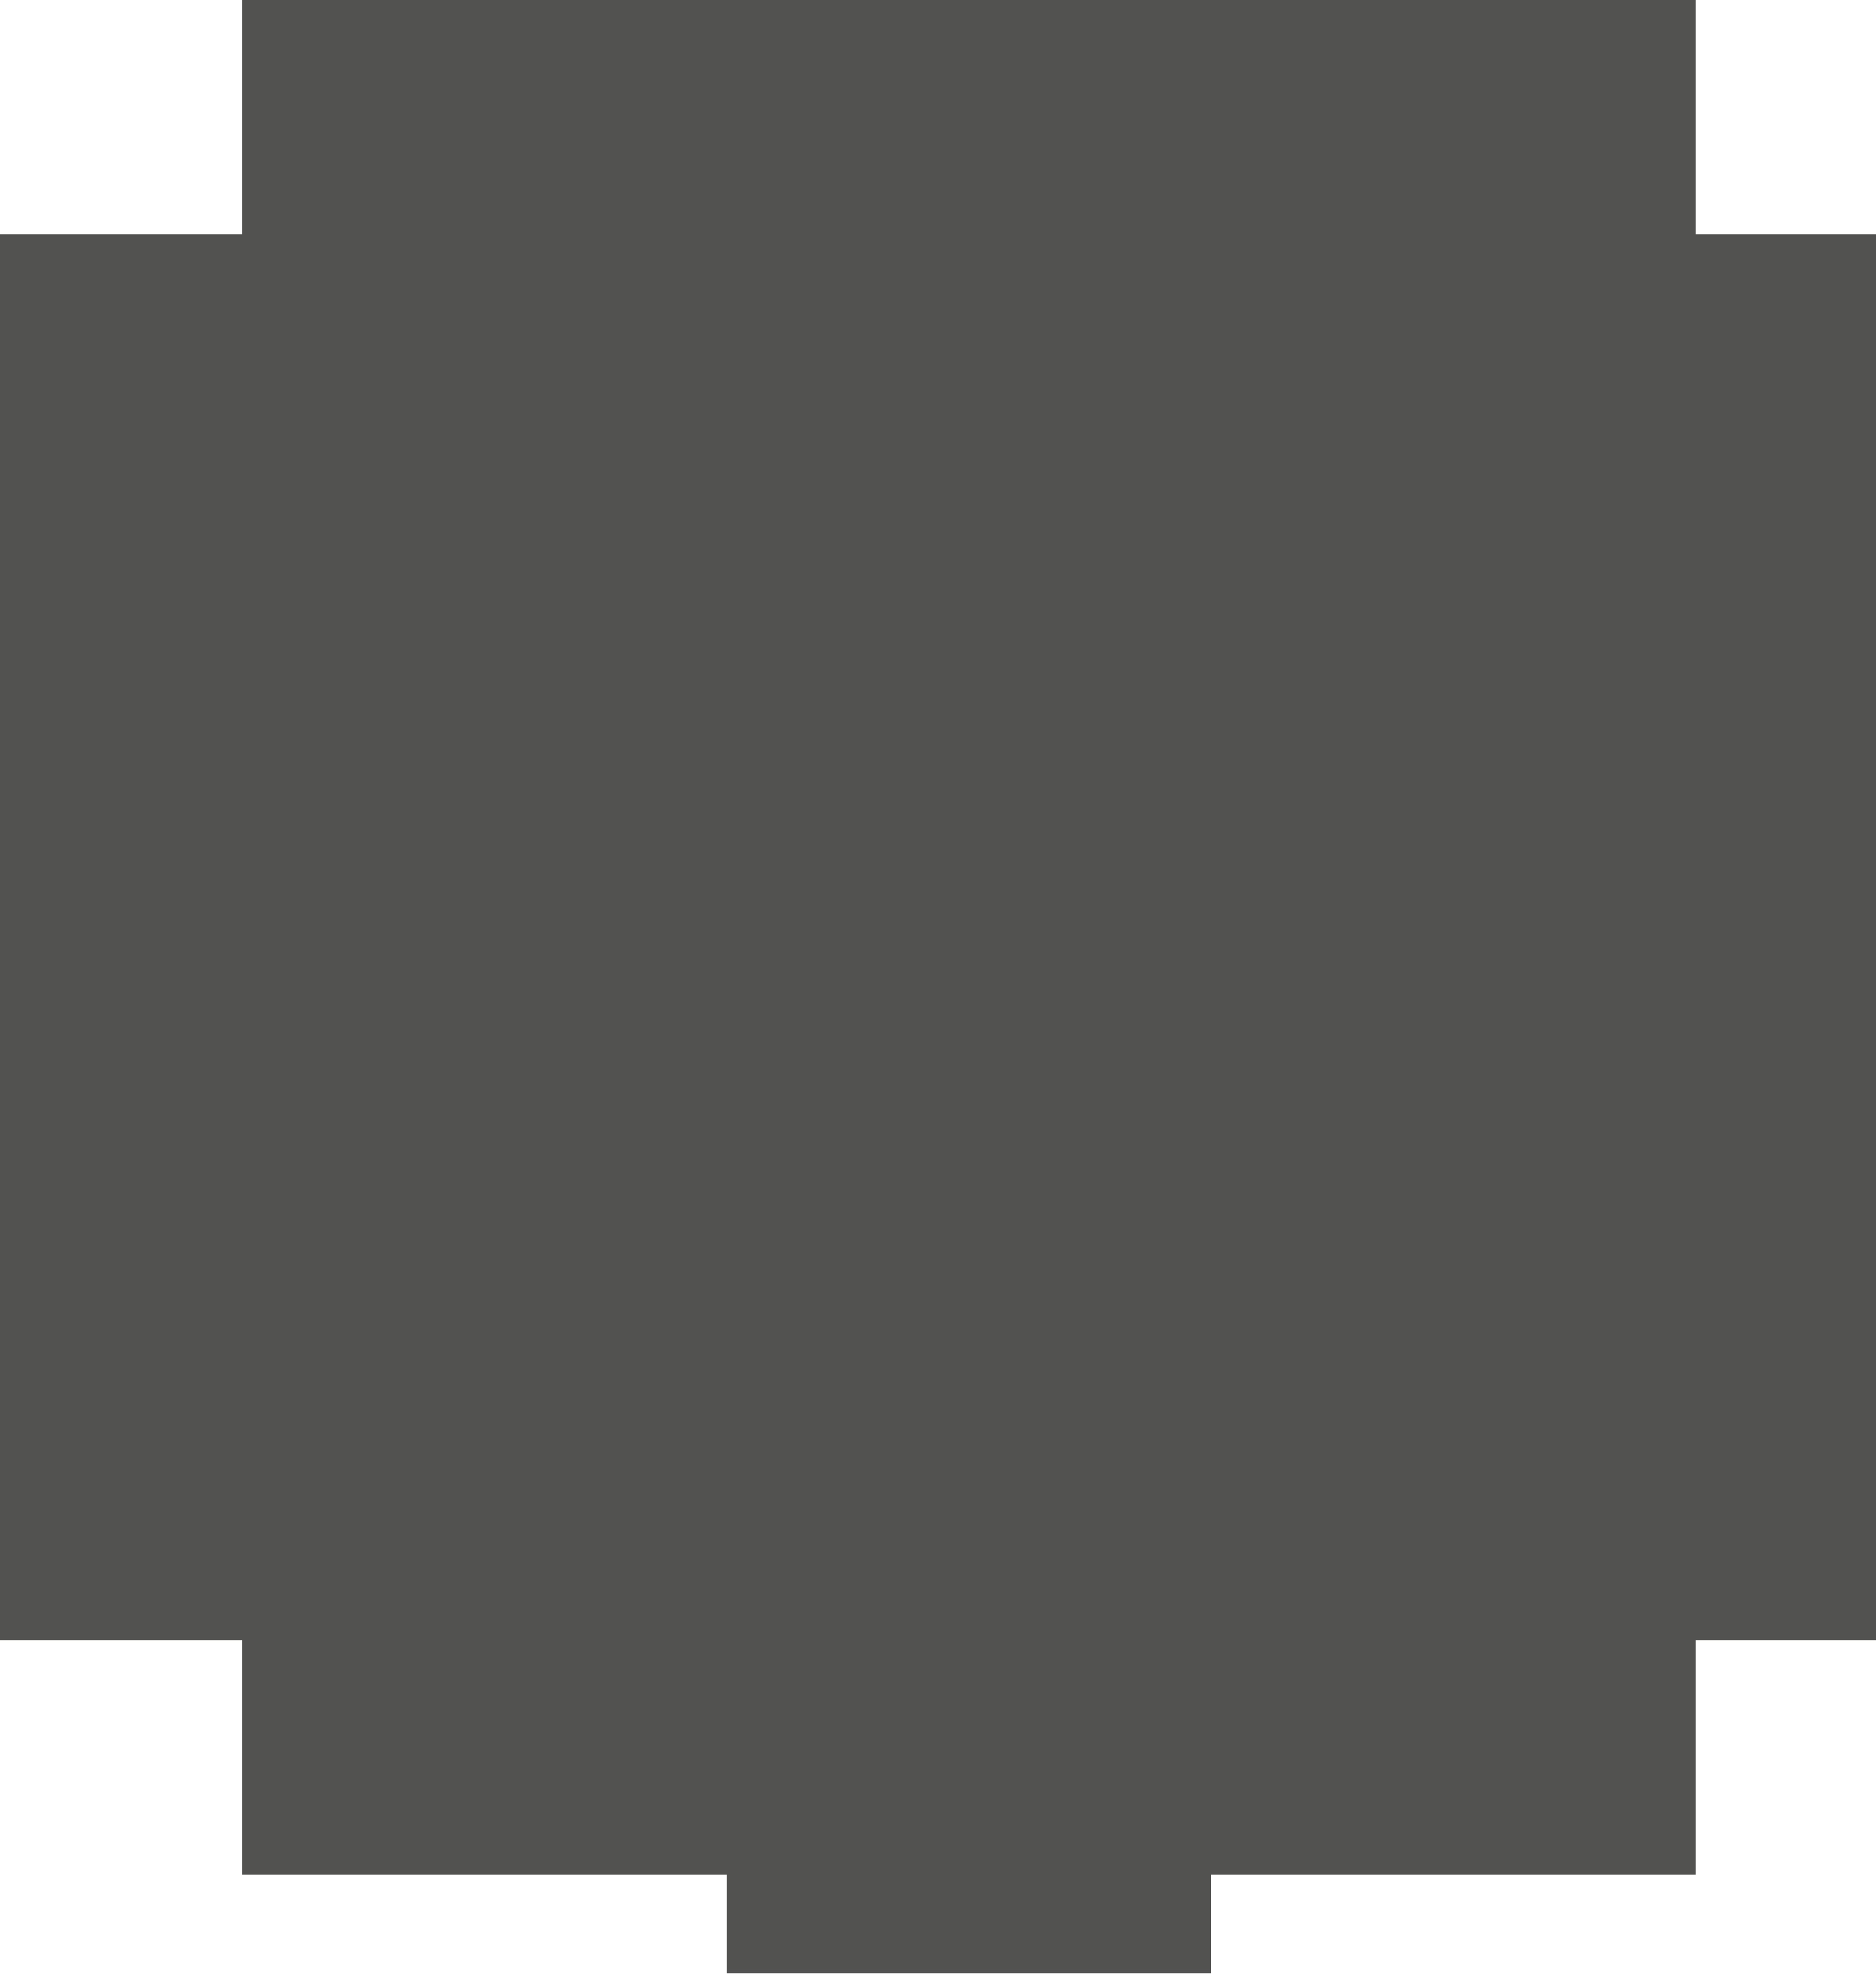 Ассоциация разработчиков, изготовителей и поставщиков средств индивидуальной защиты – крупнейшая некоммерческая организация, нацеленная на развитие рынка СИЗ в России, созданная при поддержке Министерства труда и социального развития Российской Федерации